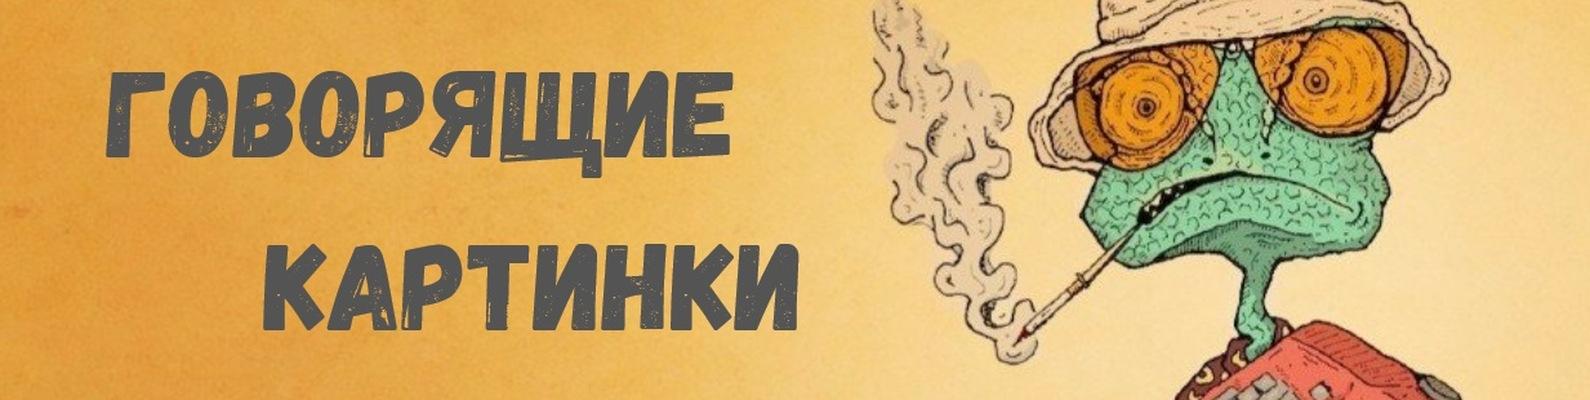 Днем, открытка говорящая мусик